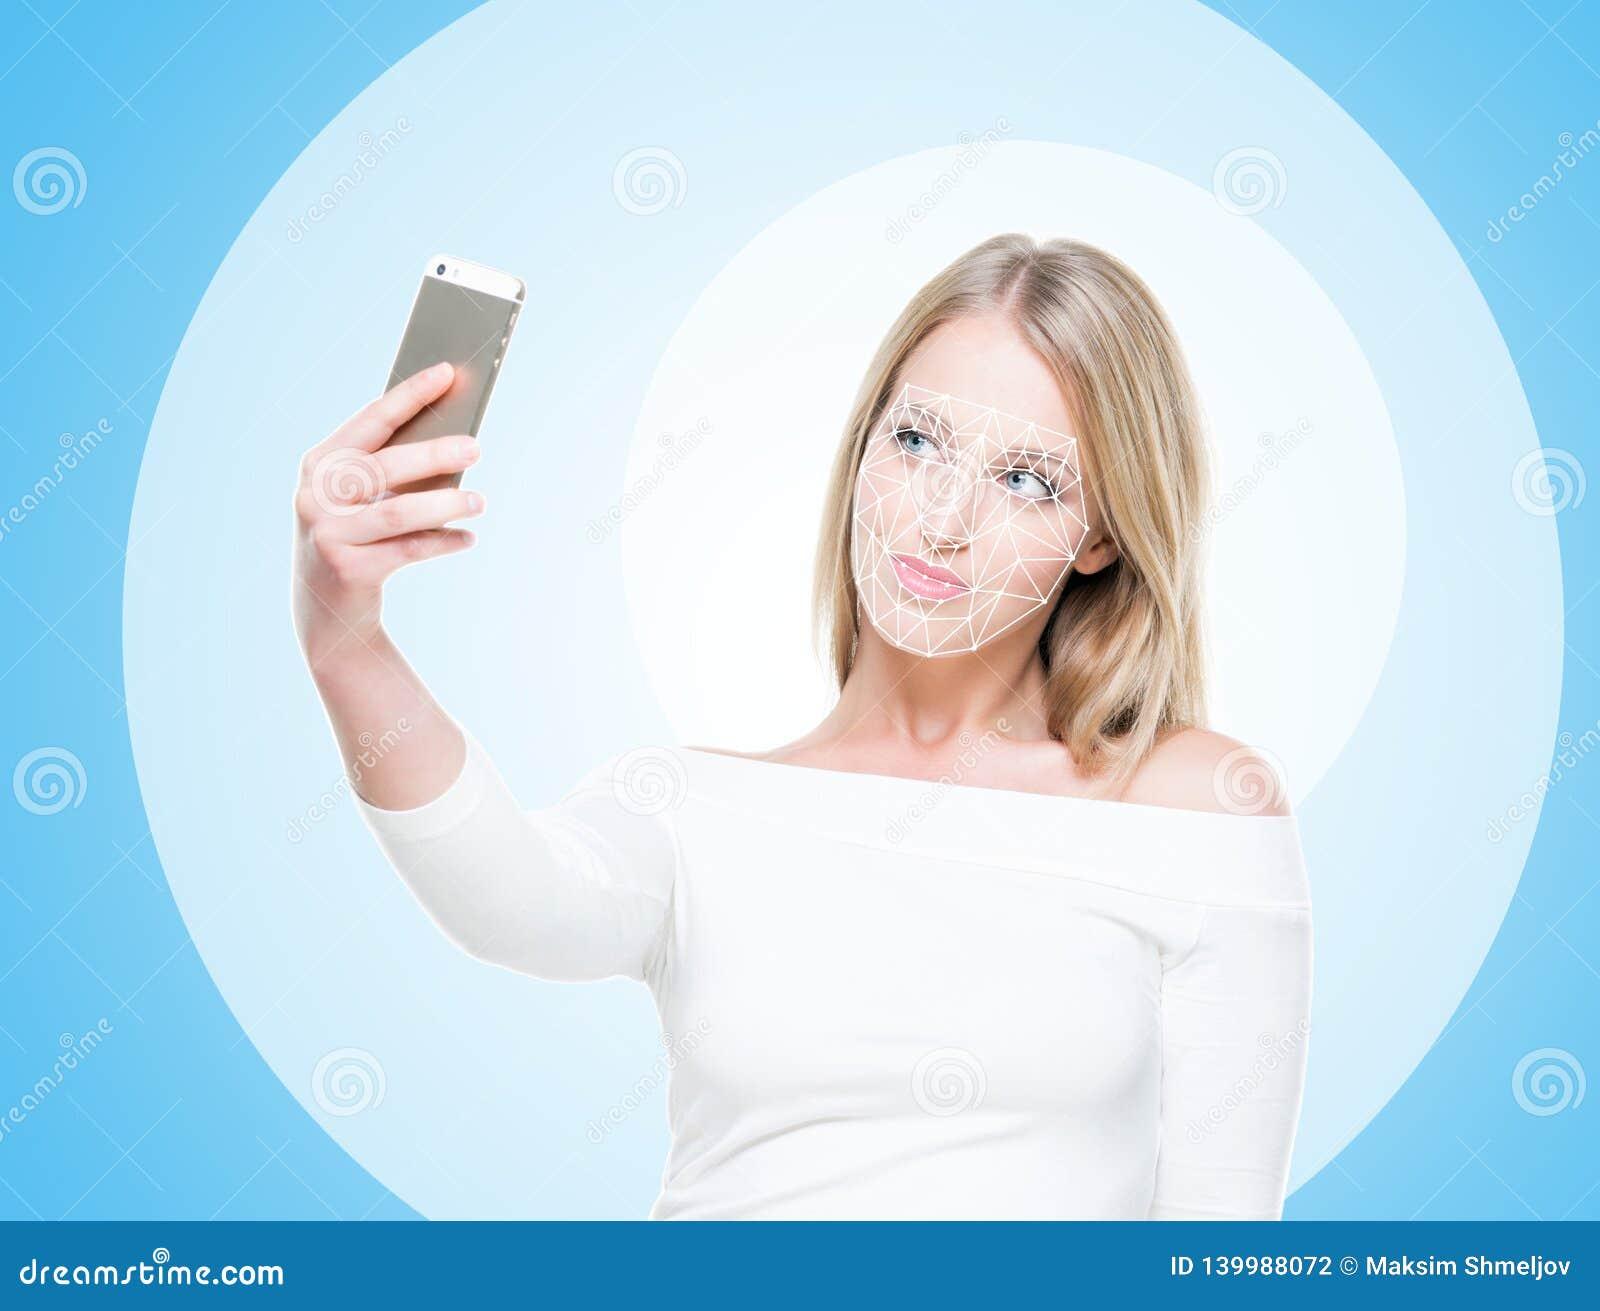 Portret van aantrekkelijke vrouw met een scnanning net op haar gezicht Gezichtsidentiteitskaart, veiligheid, gezichtserkenning, t